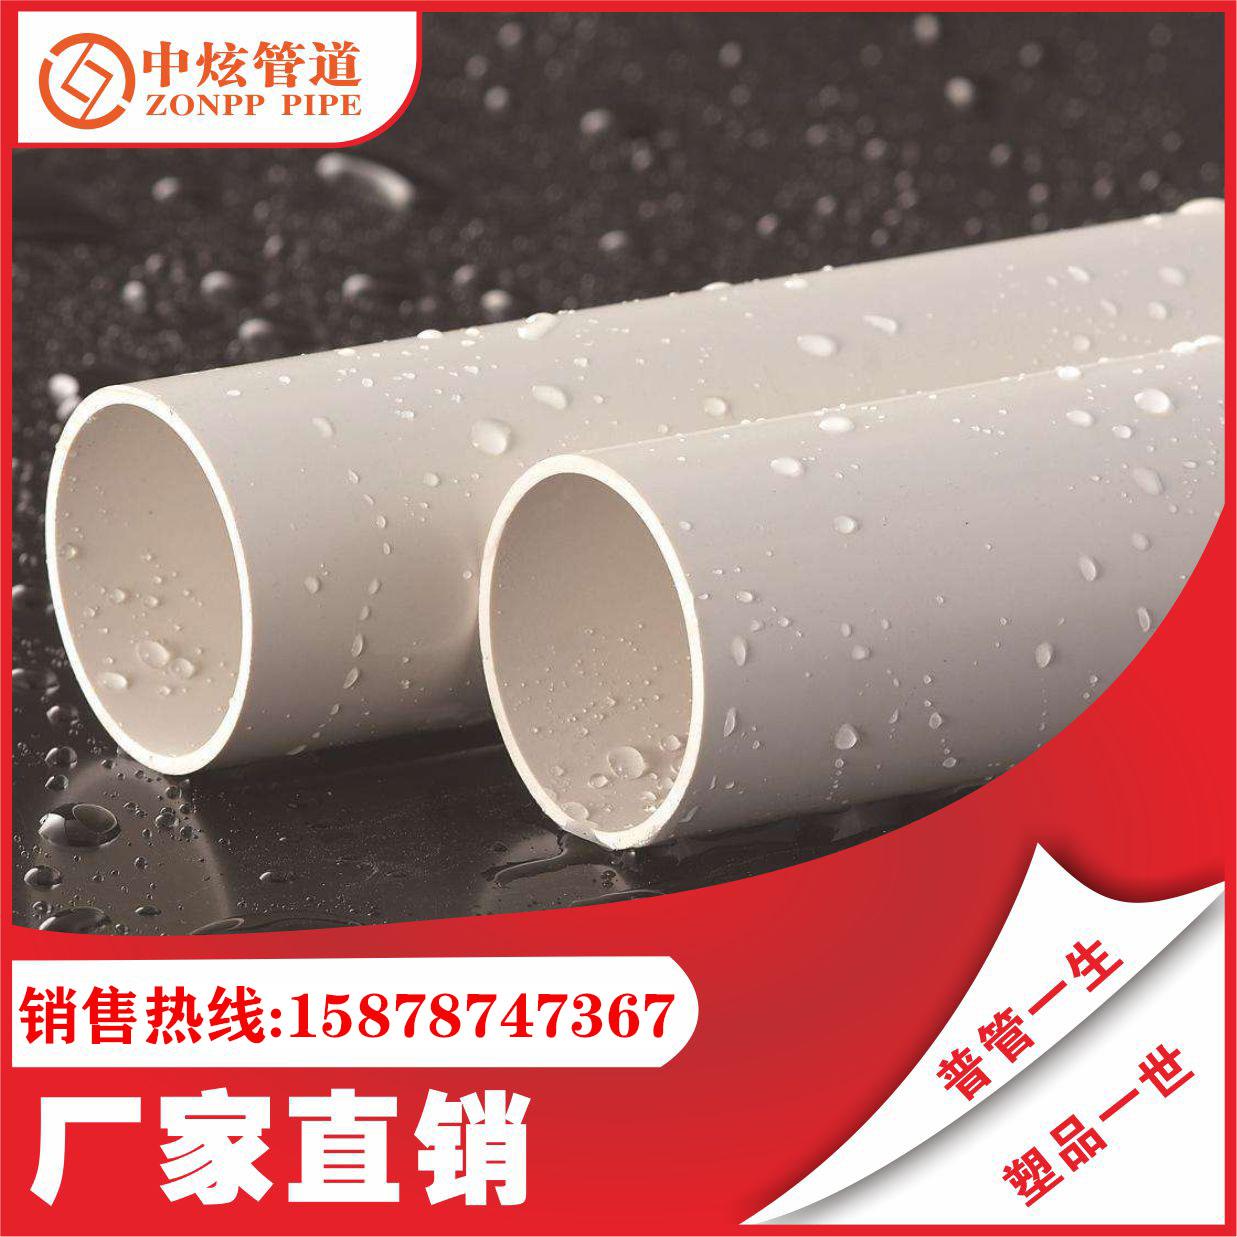 厂家直销中炫牌 PVC给水管材品质保证自主品牌